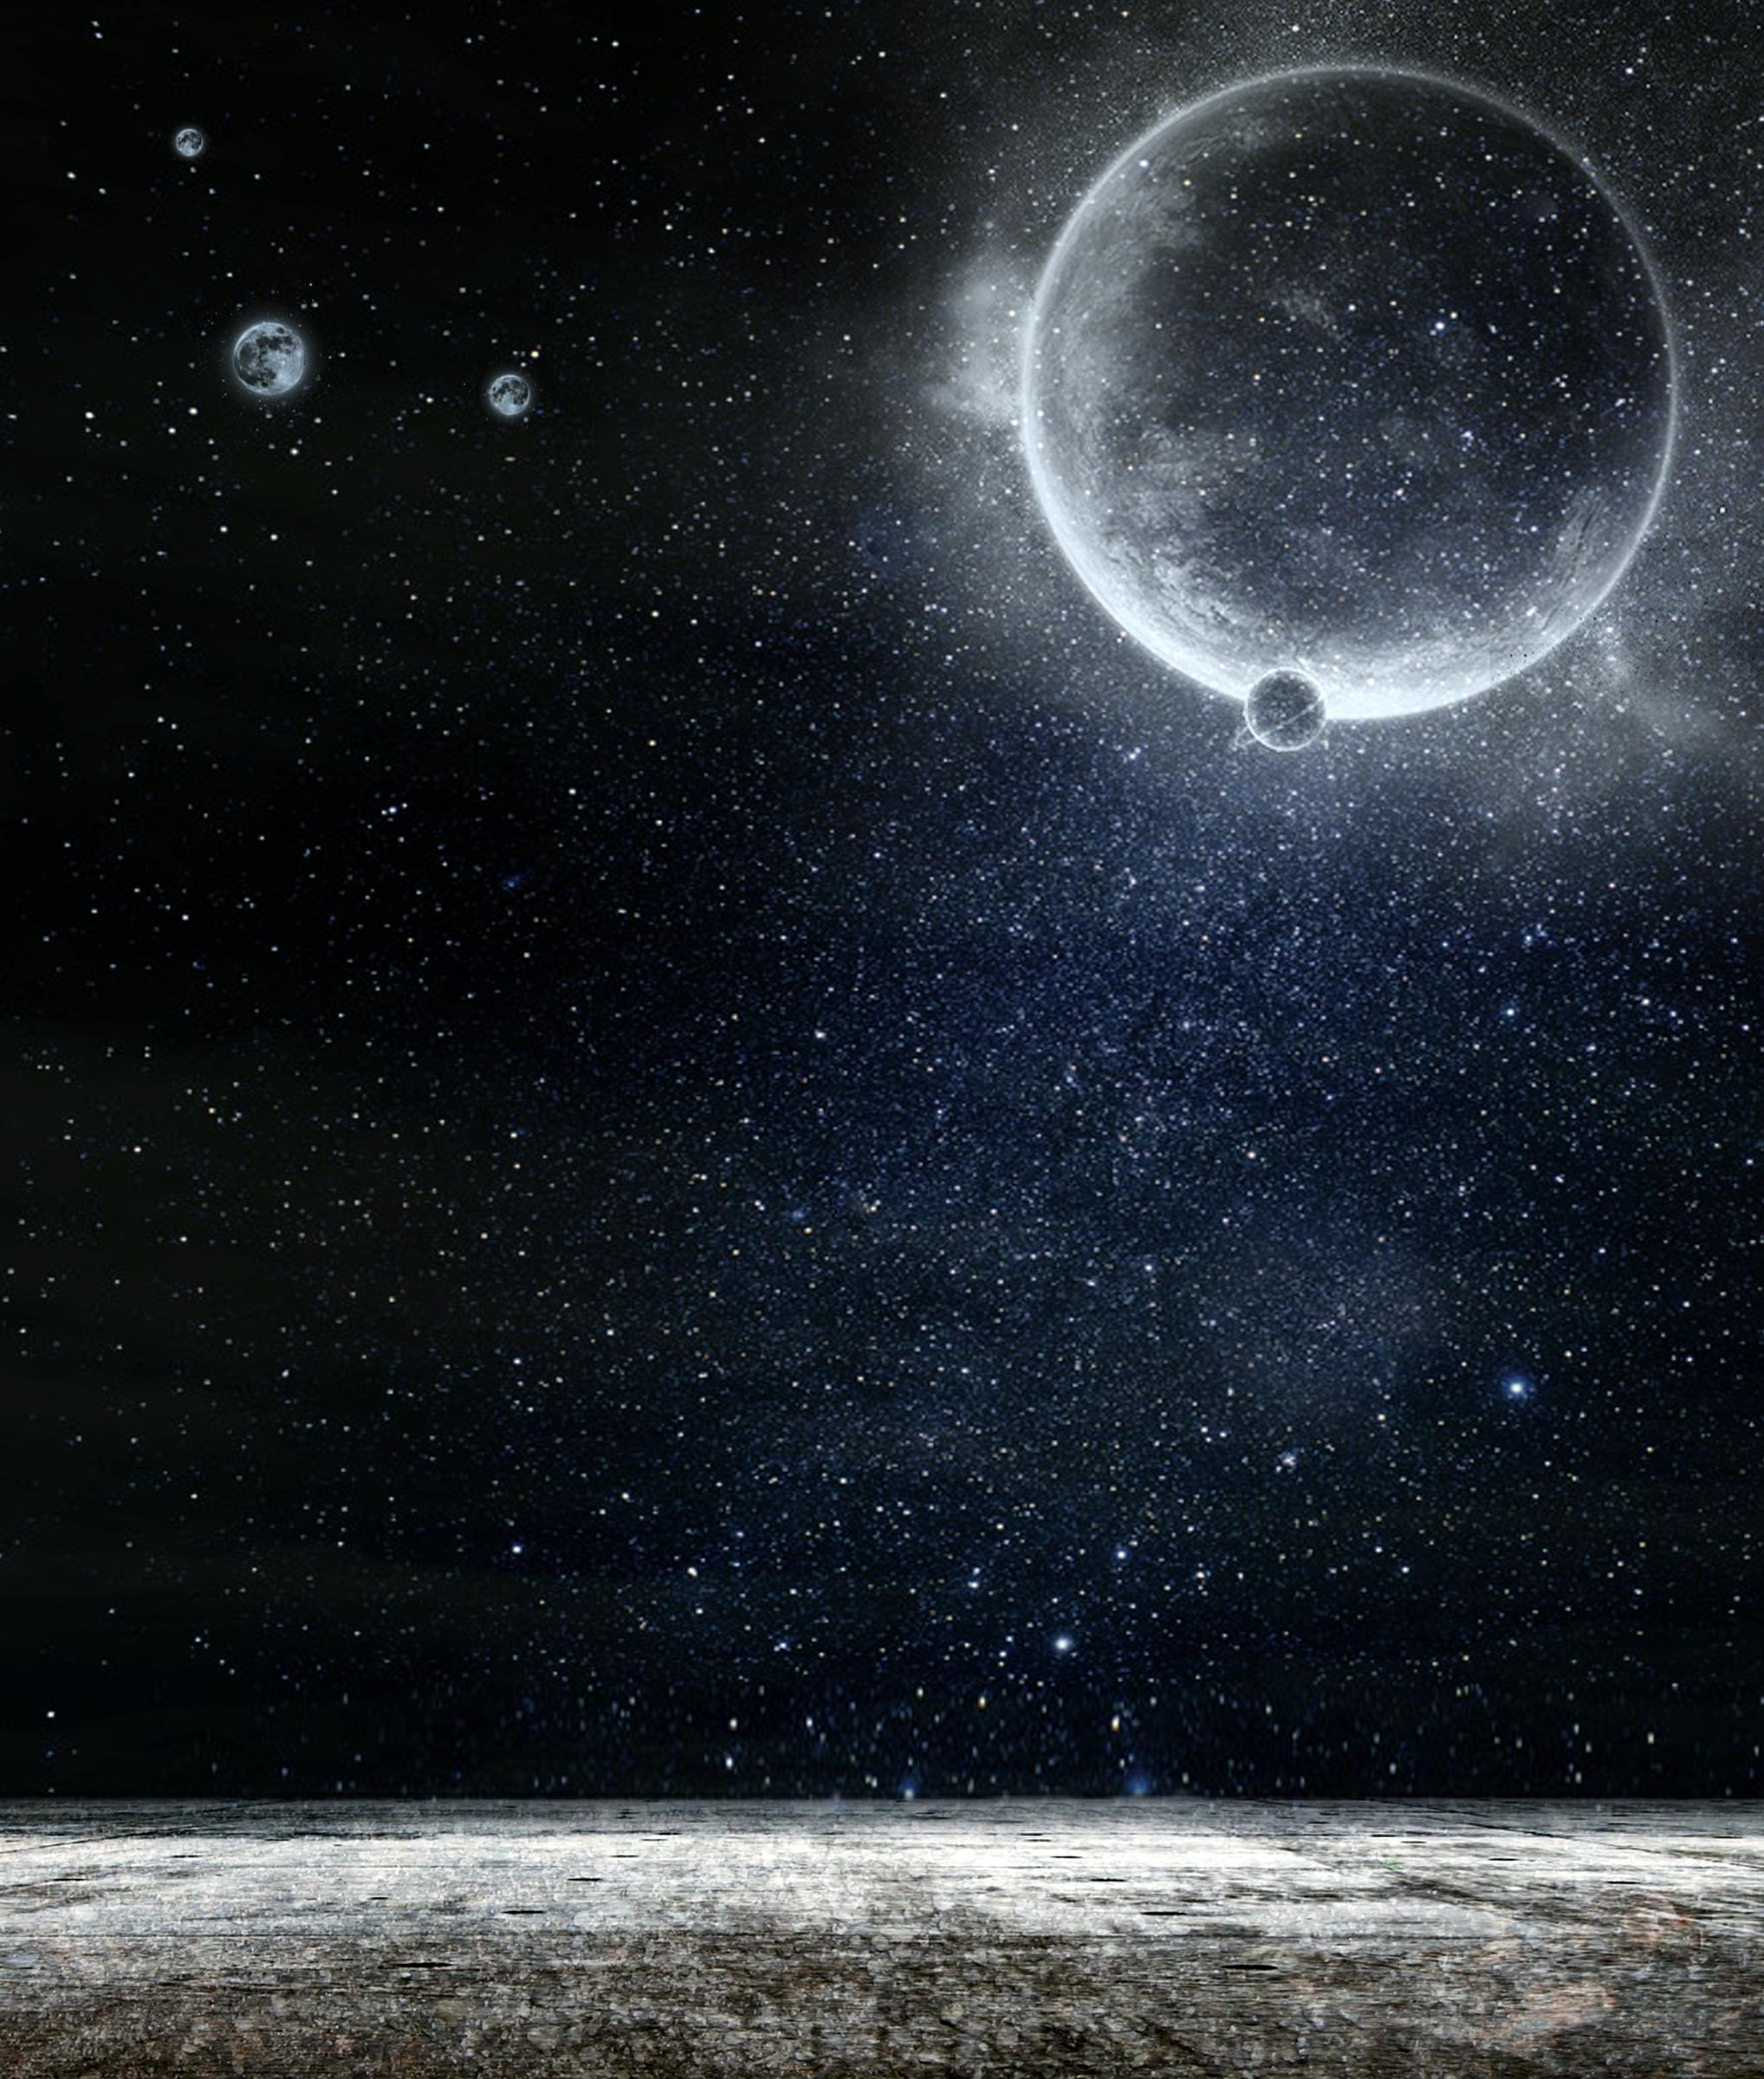 81704 скачать обои Космос, Звезды, Галактика, Планета - заставки и картинки бесплатно